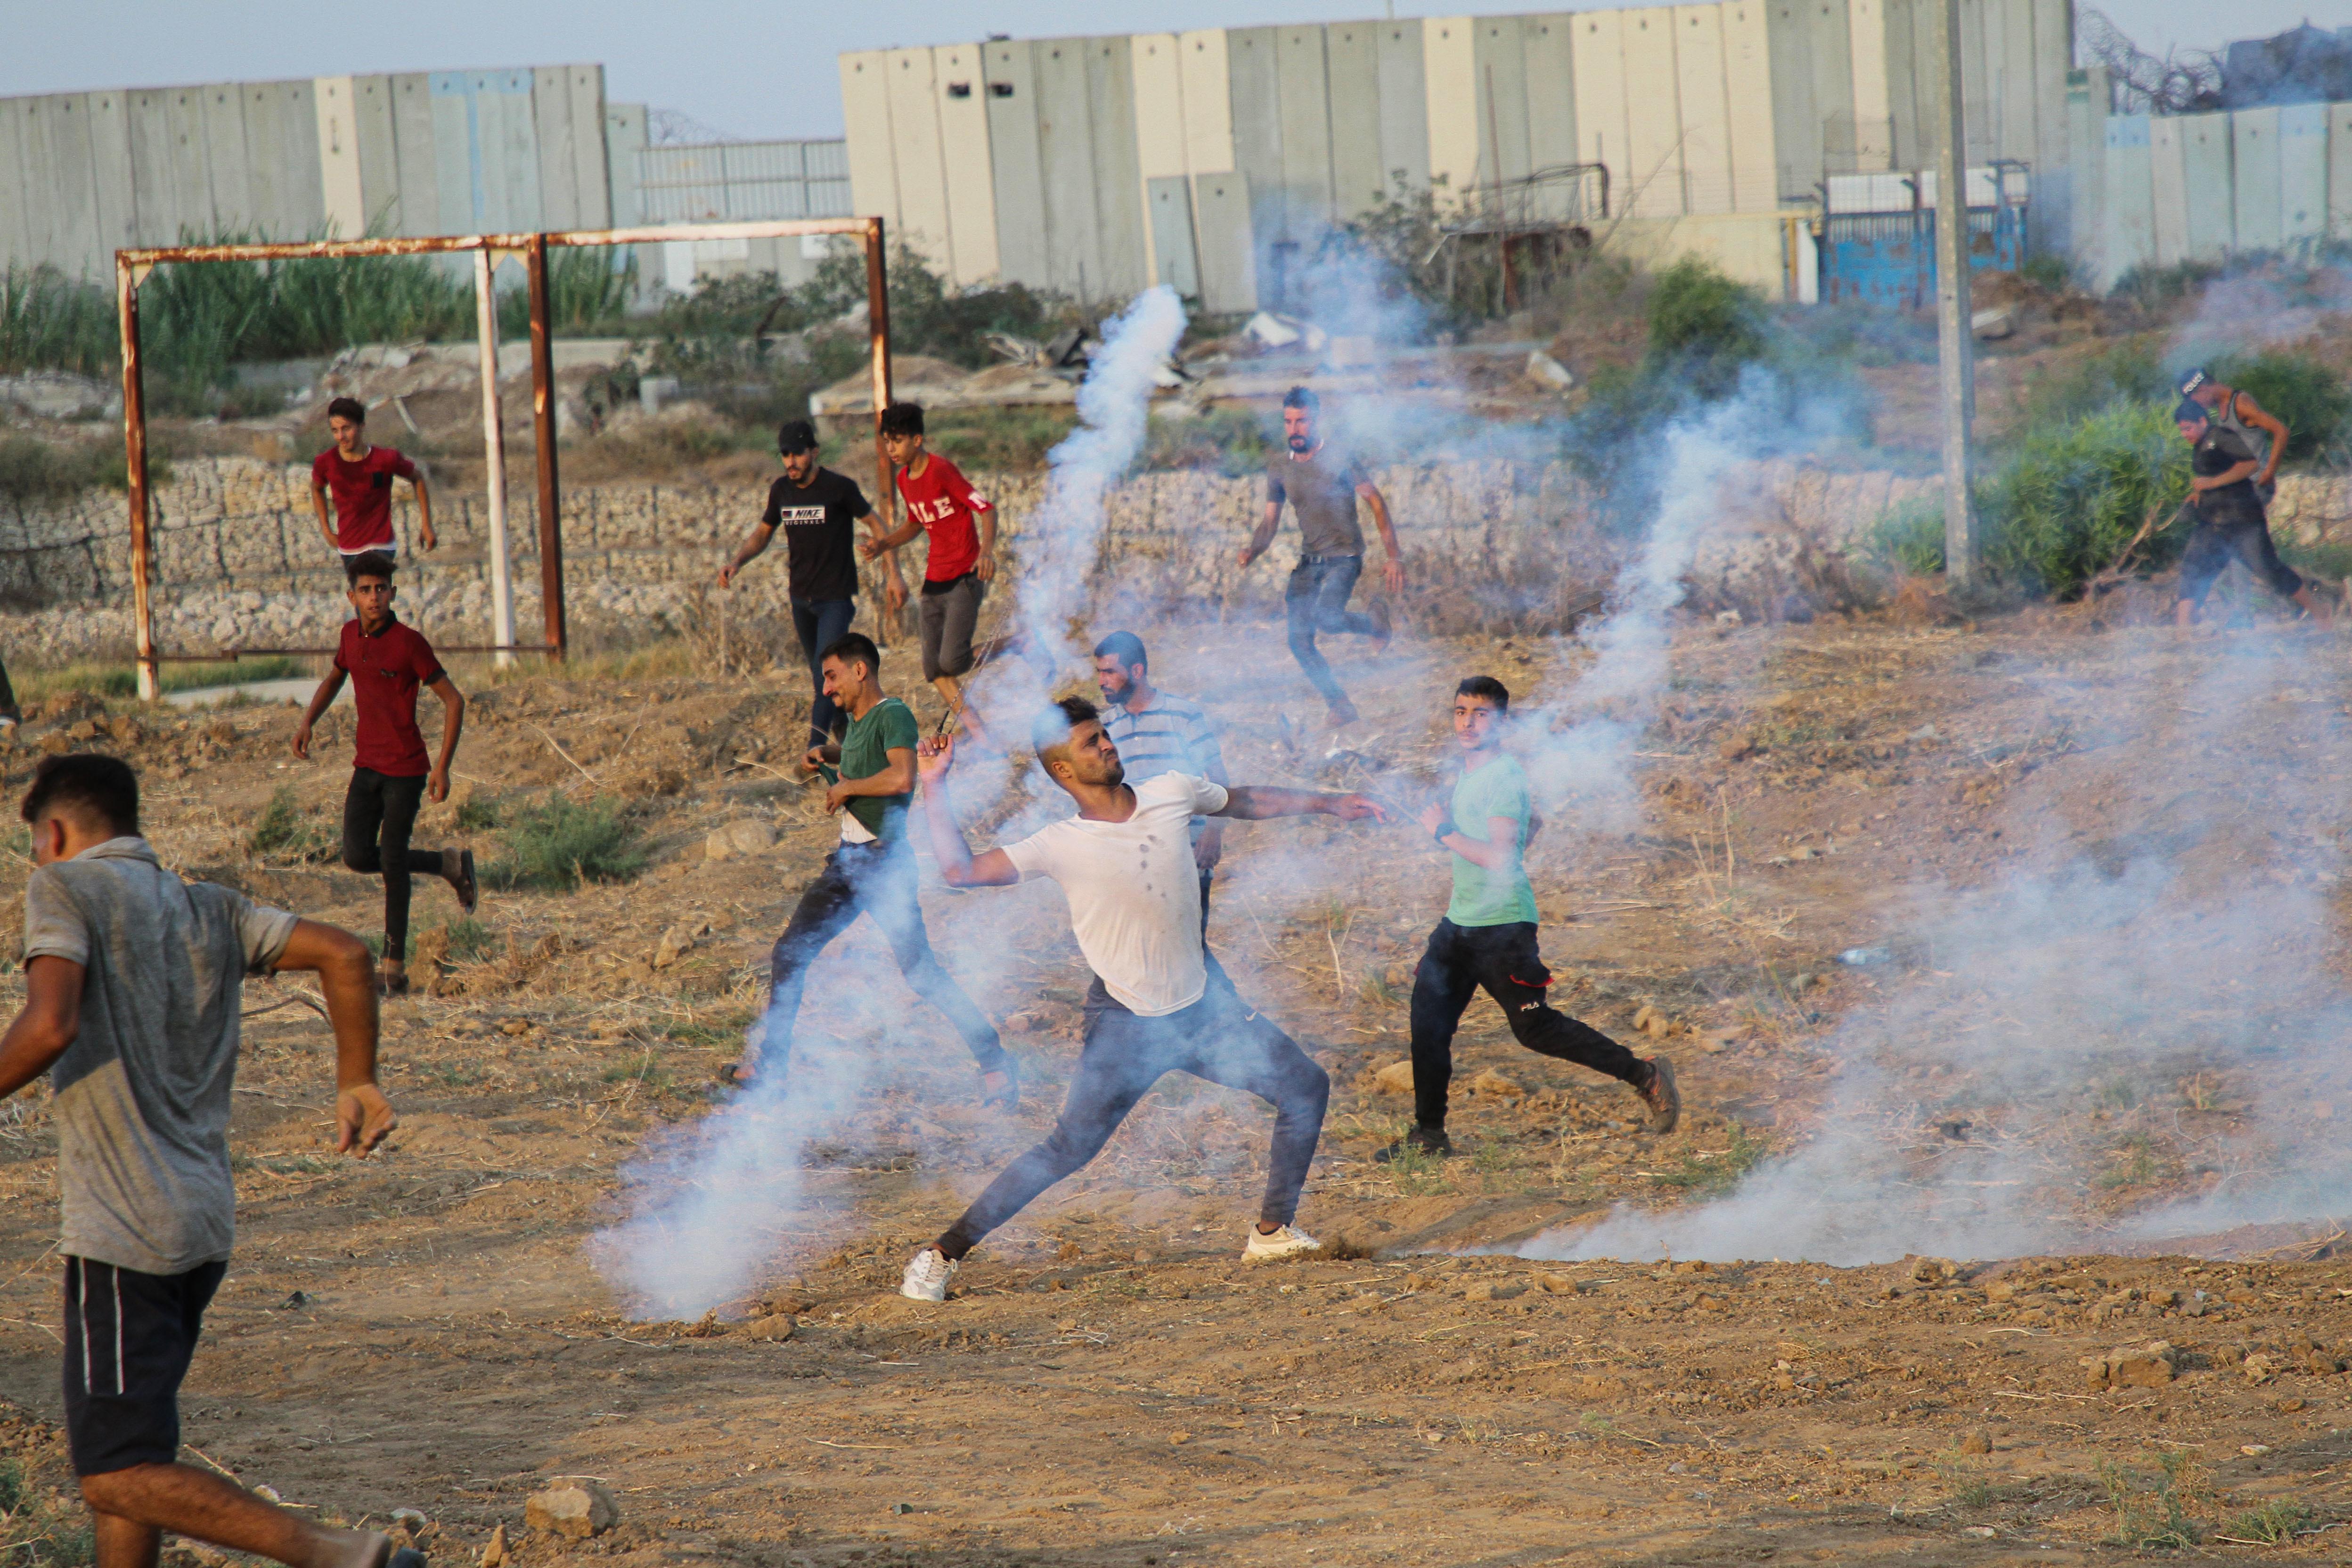 Israelul a atacat Fâșia Gaza cu avioane. Un băiat de 13 ani a fost împușcat în cap